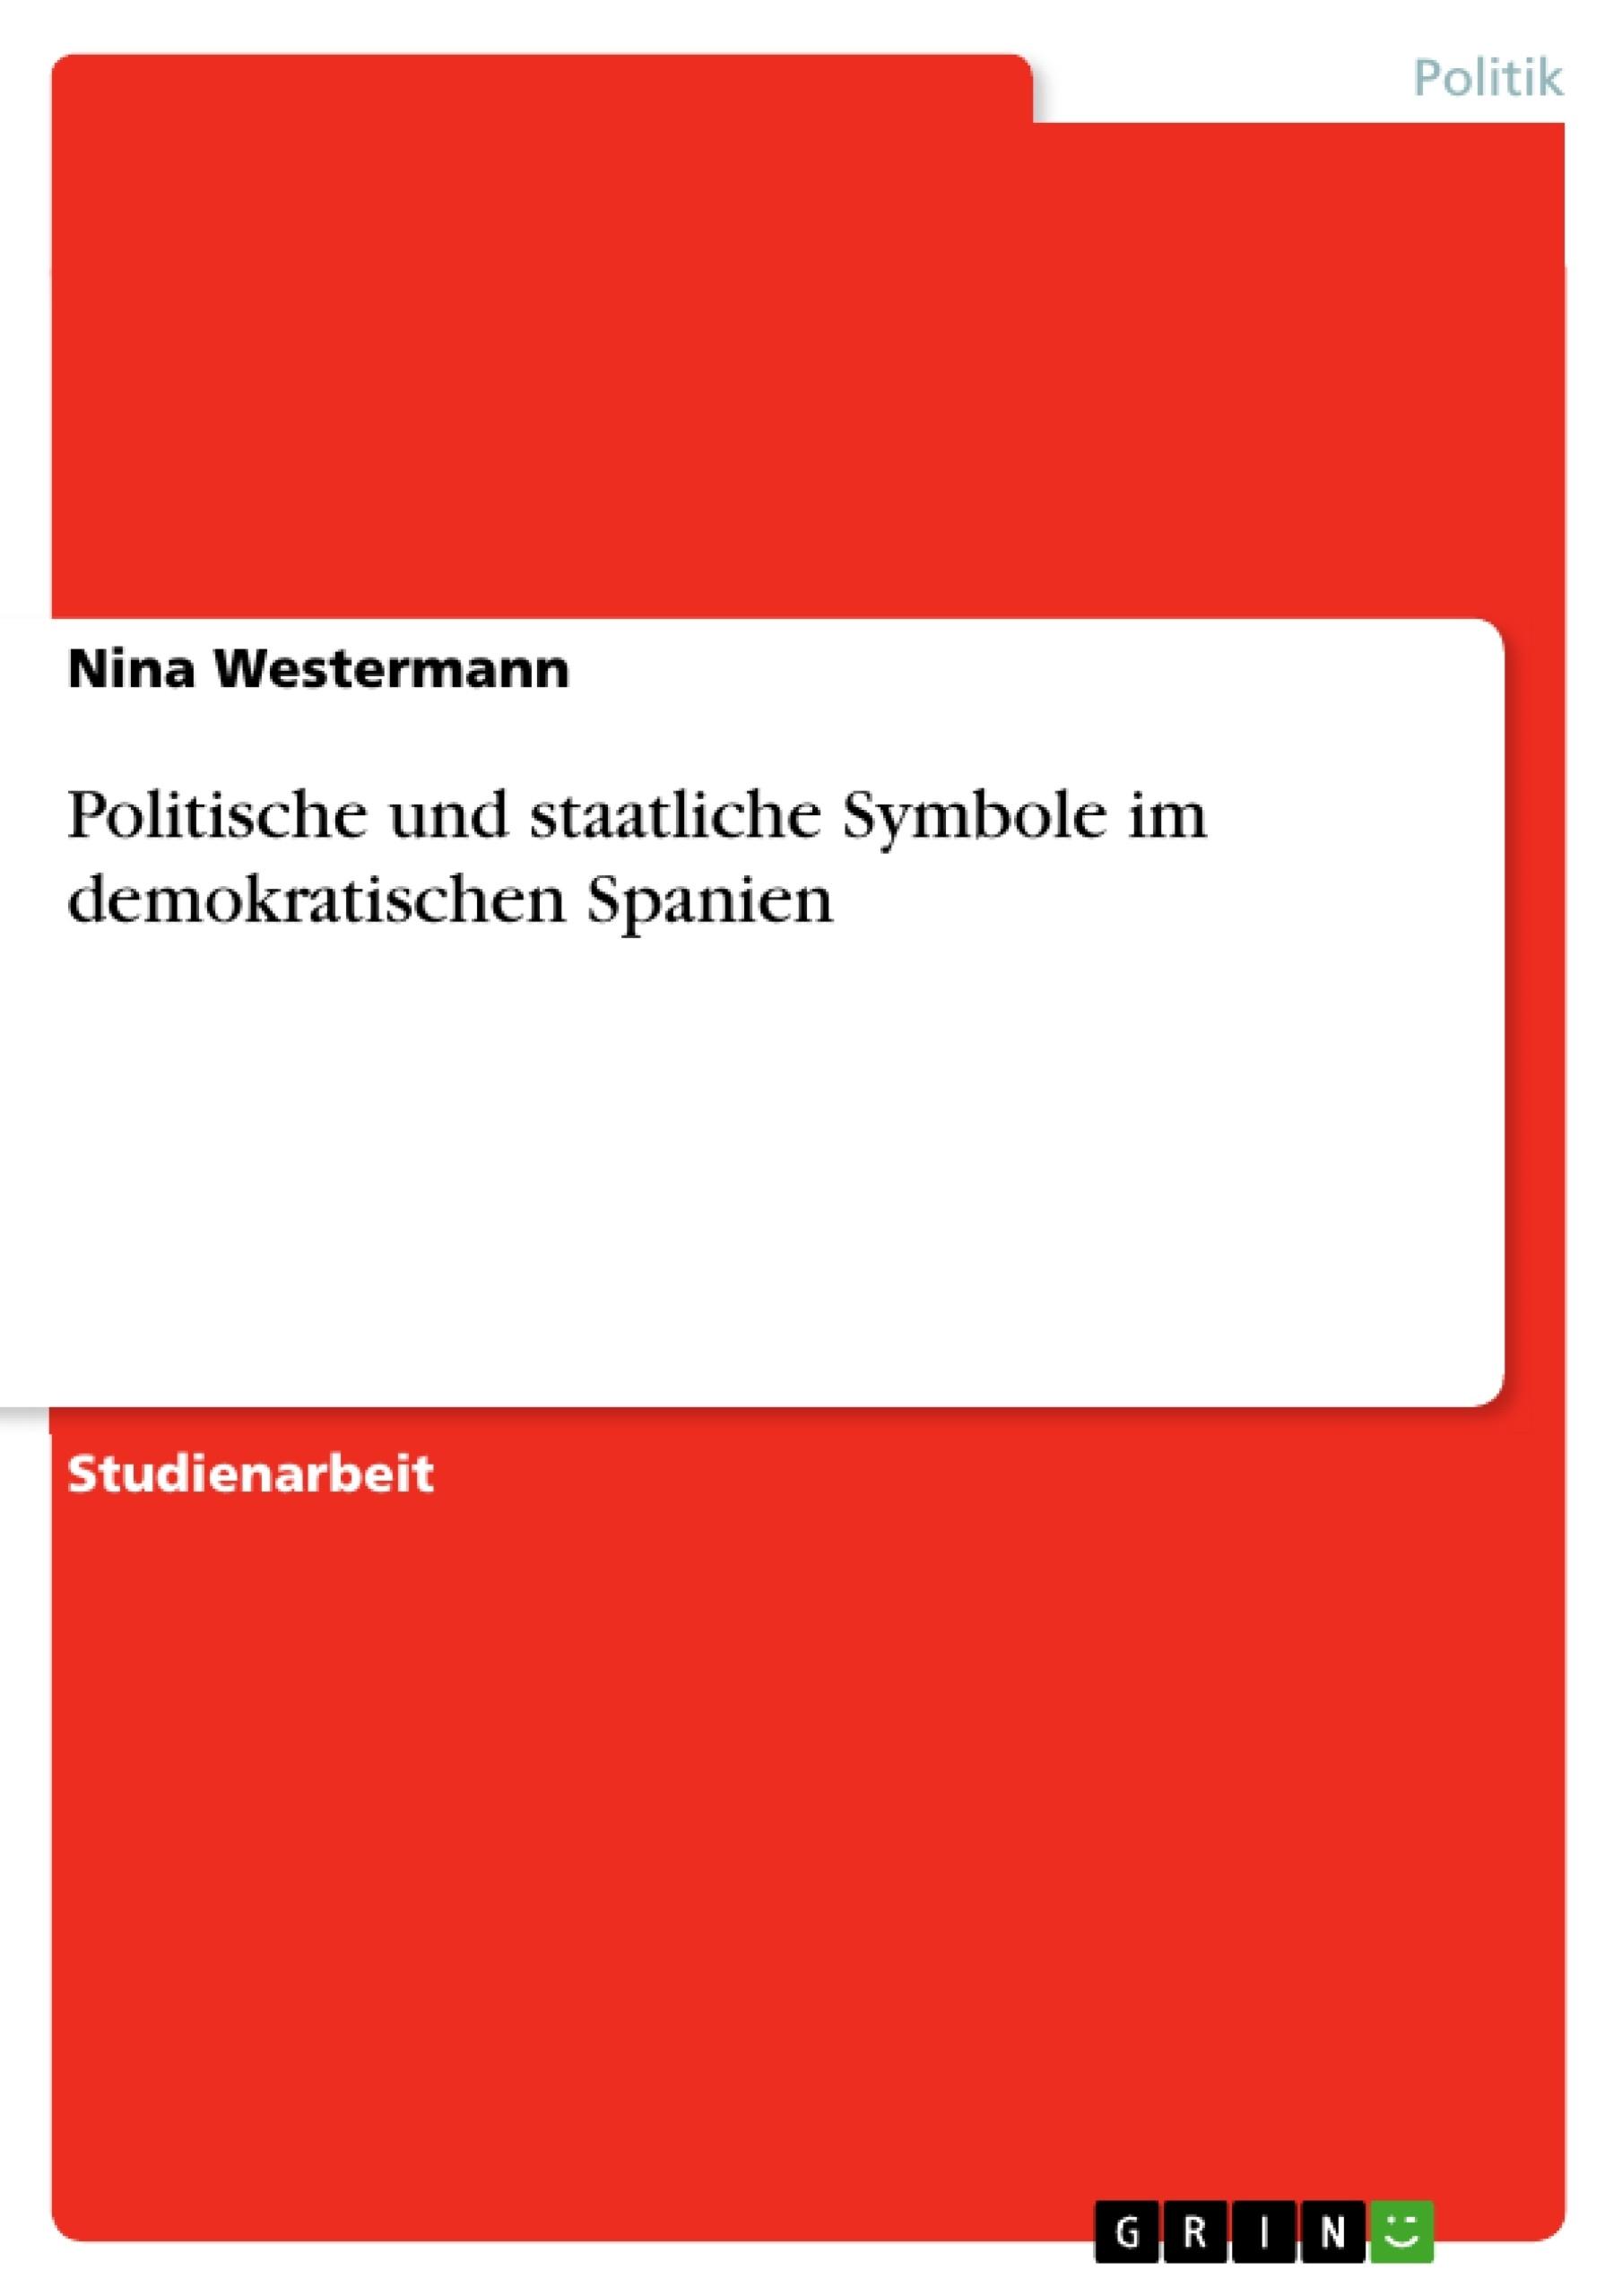 Titel: Politische und staatliche Symbole im demokratischen Spanien